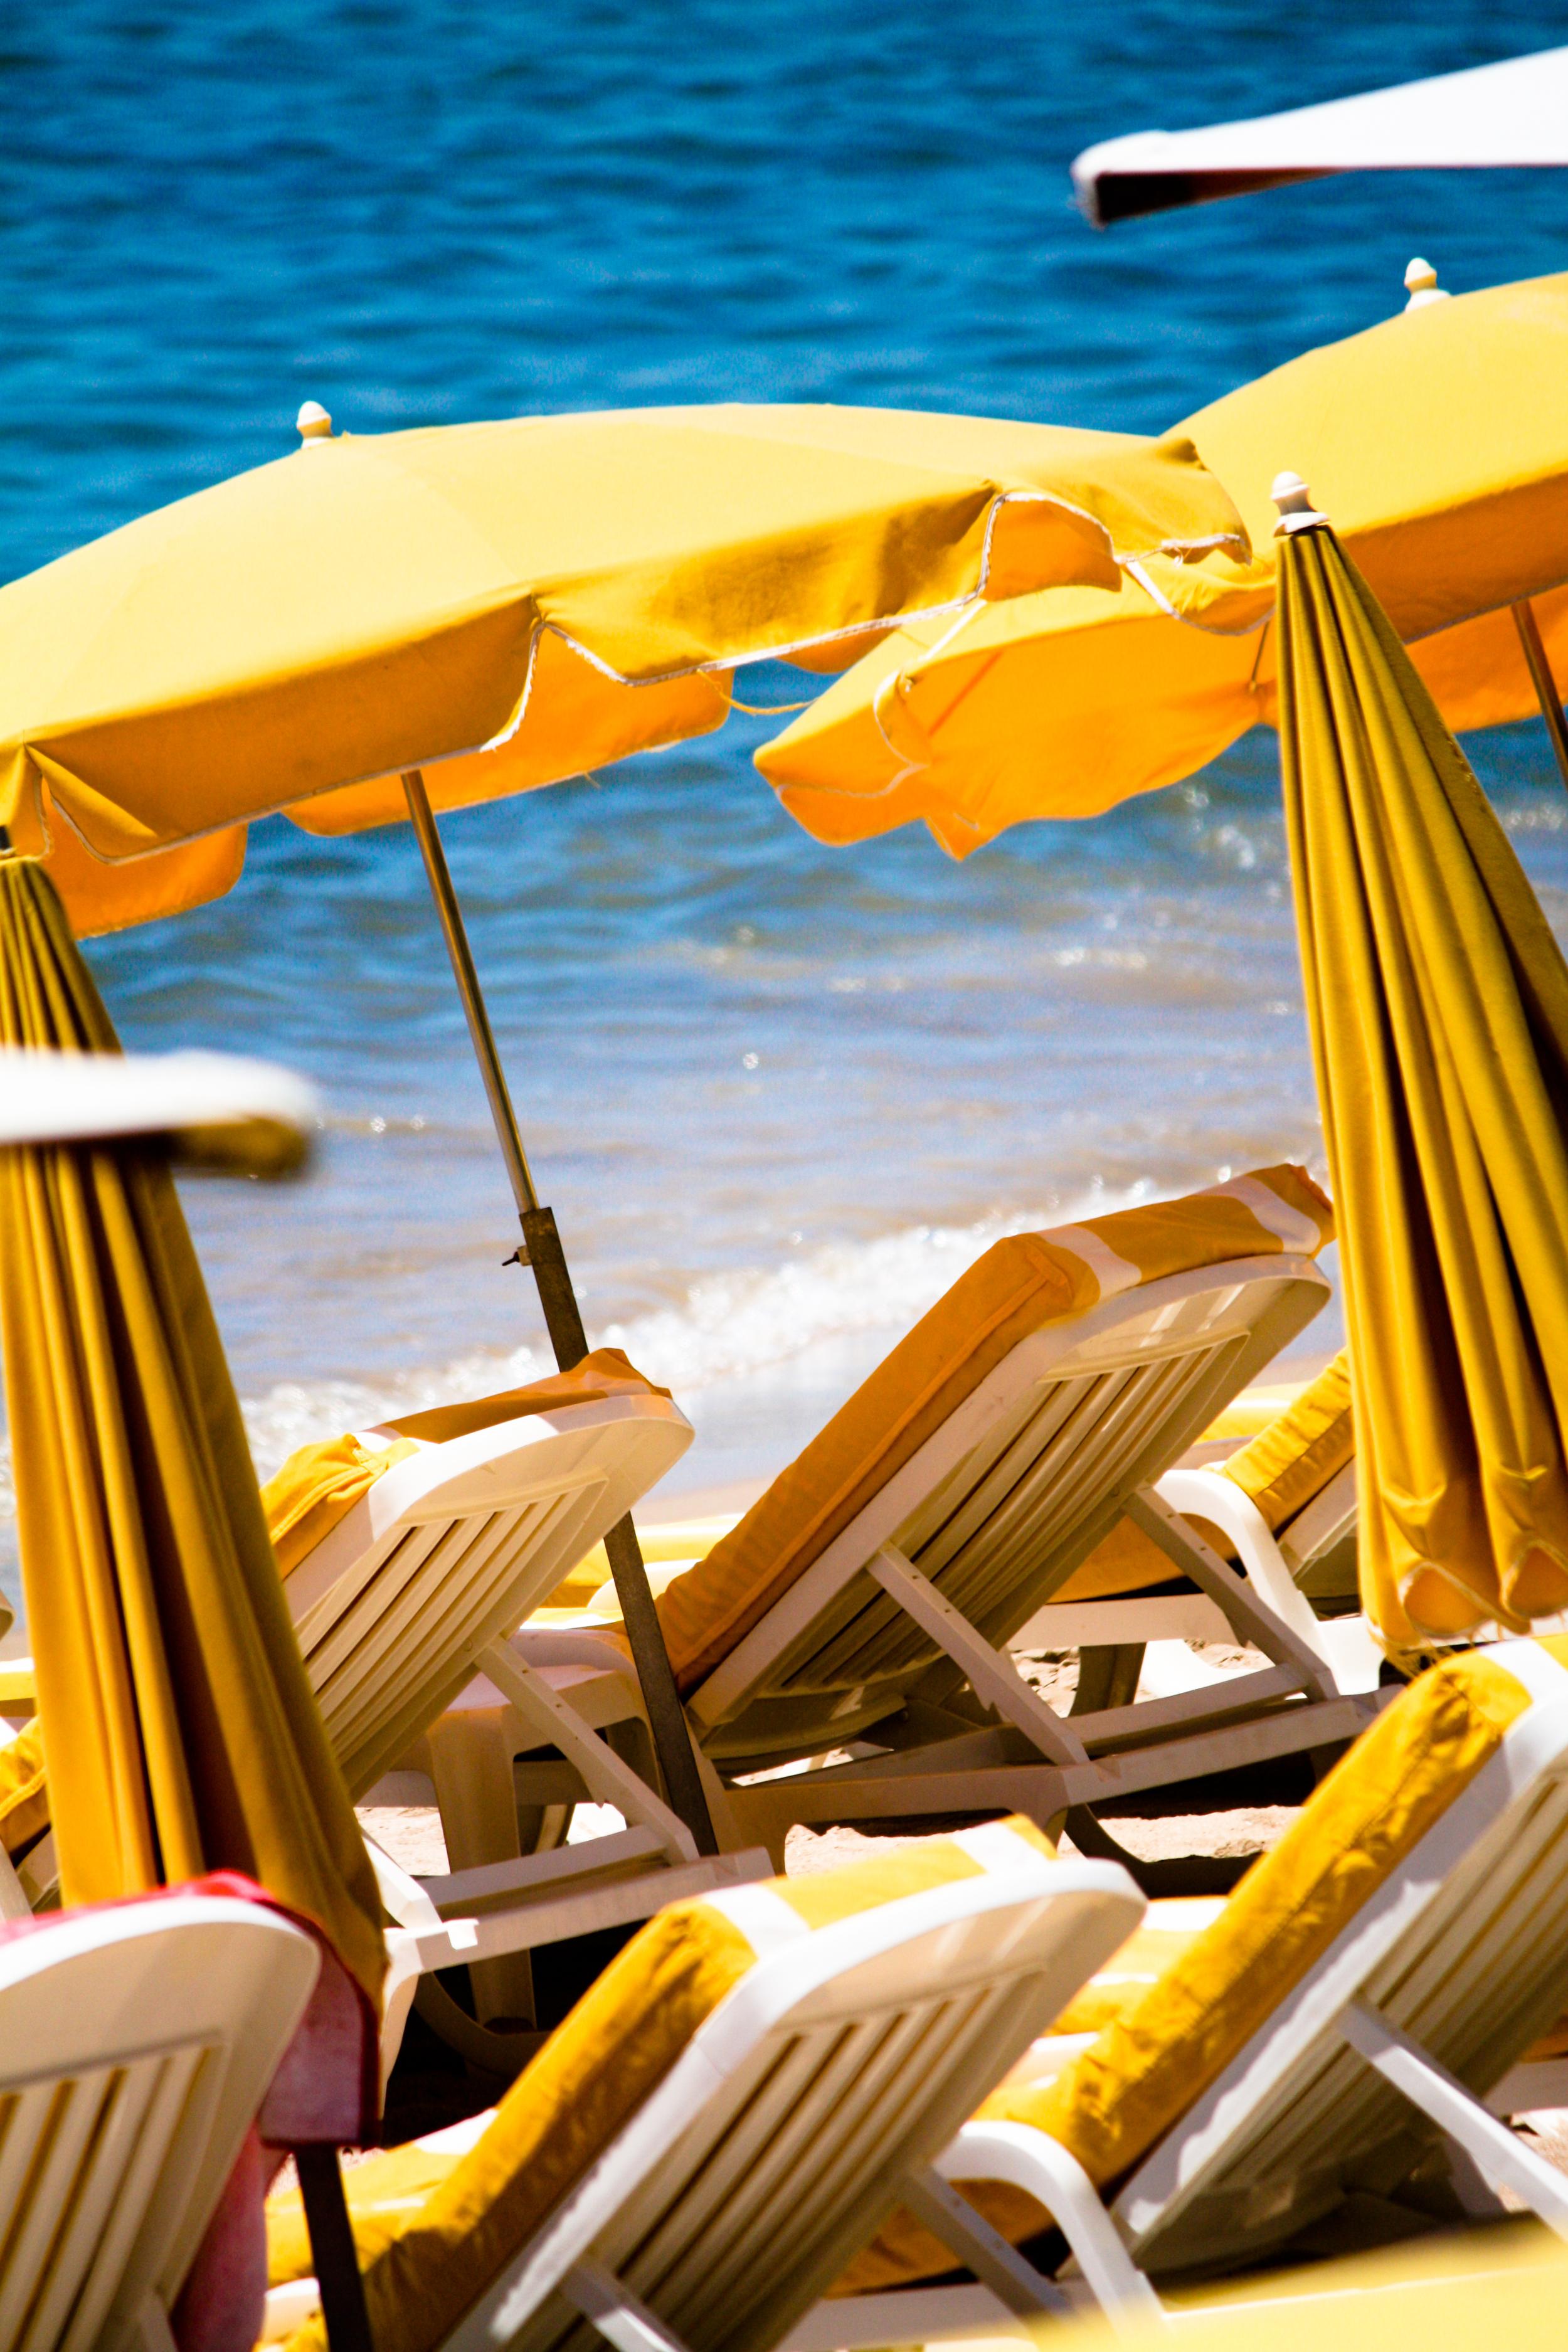 @rebeccaplotnick Caanes France beach umbrellas